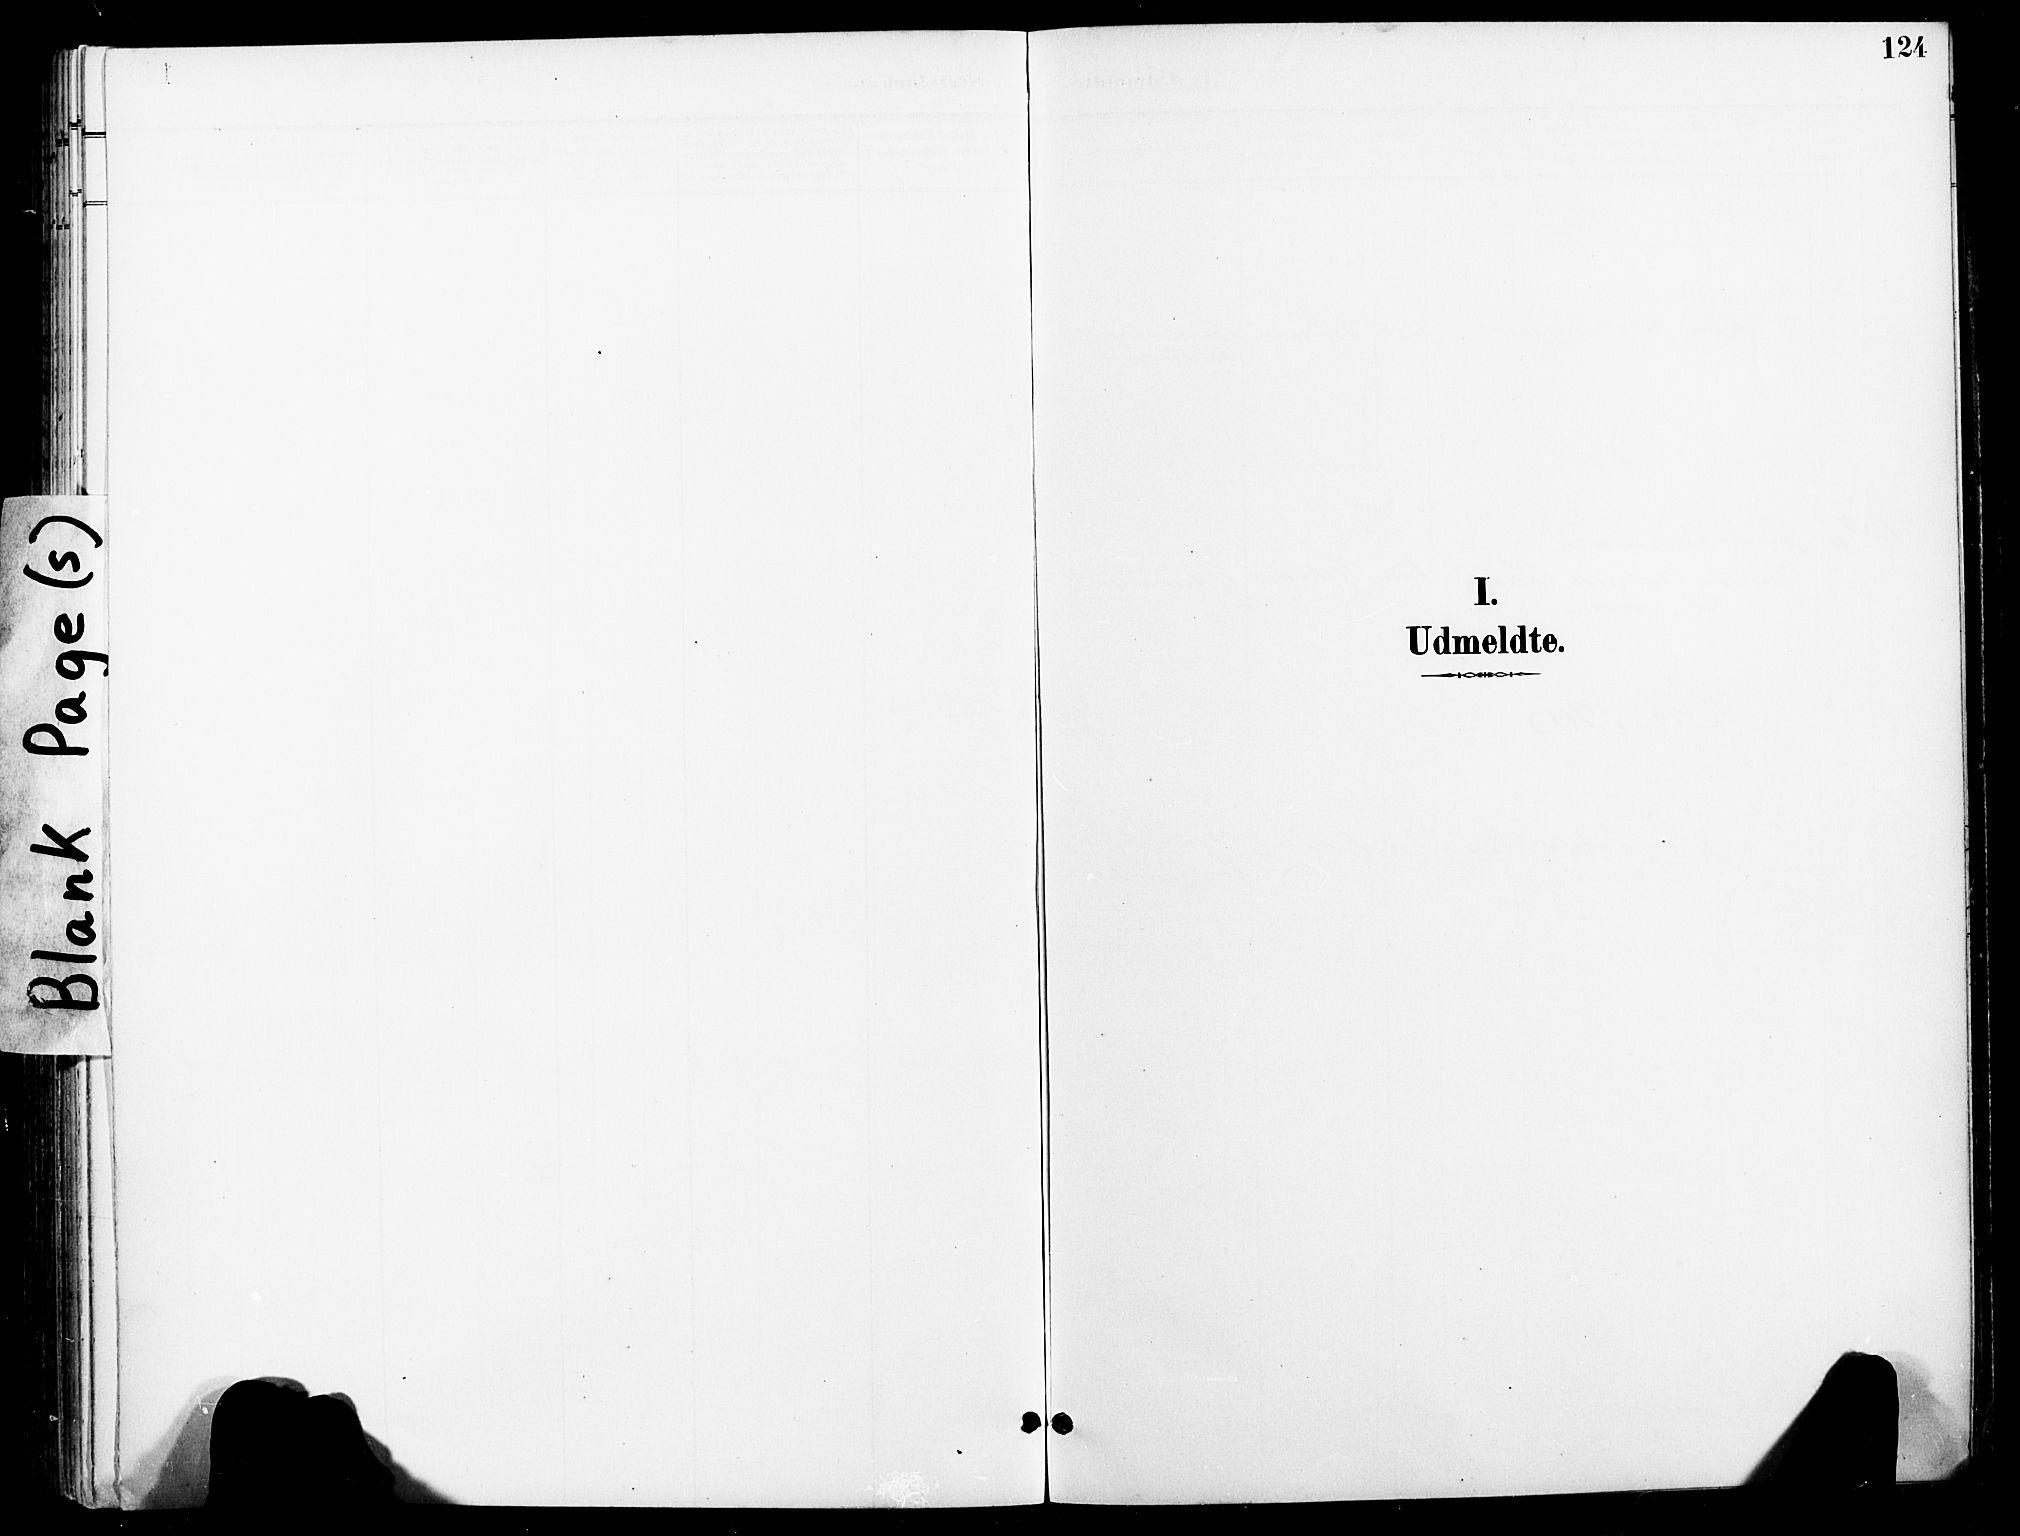 SAT, Ministerialprotokoller, klokkerbøker og fødselsregistre - Nord-Trøndelag, 740/L0379: Ministerialbok nr. 740A02, 1895-1907, s. 124